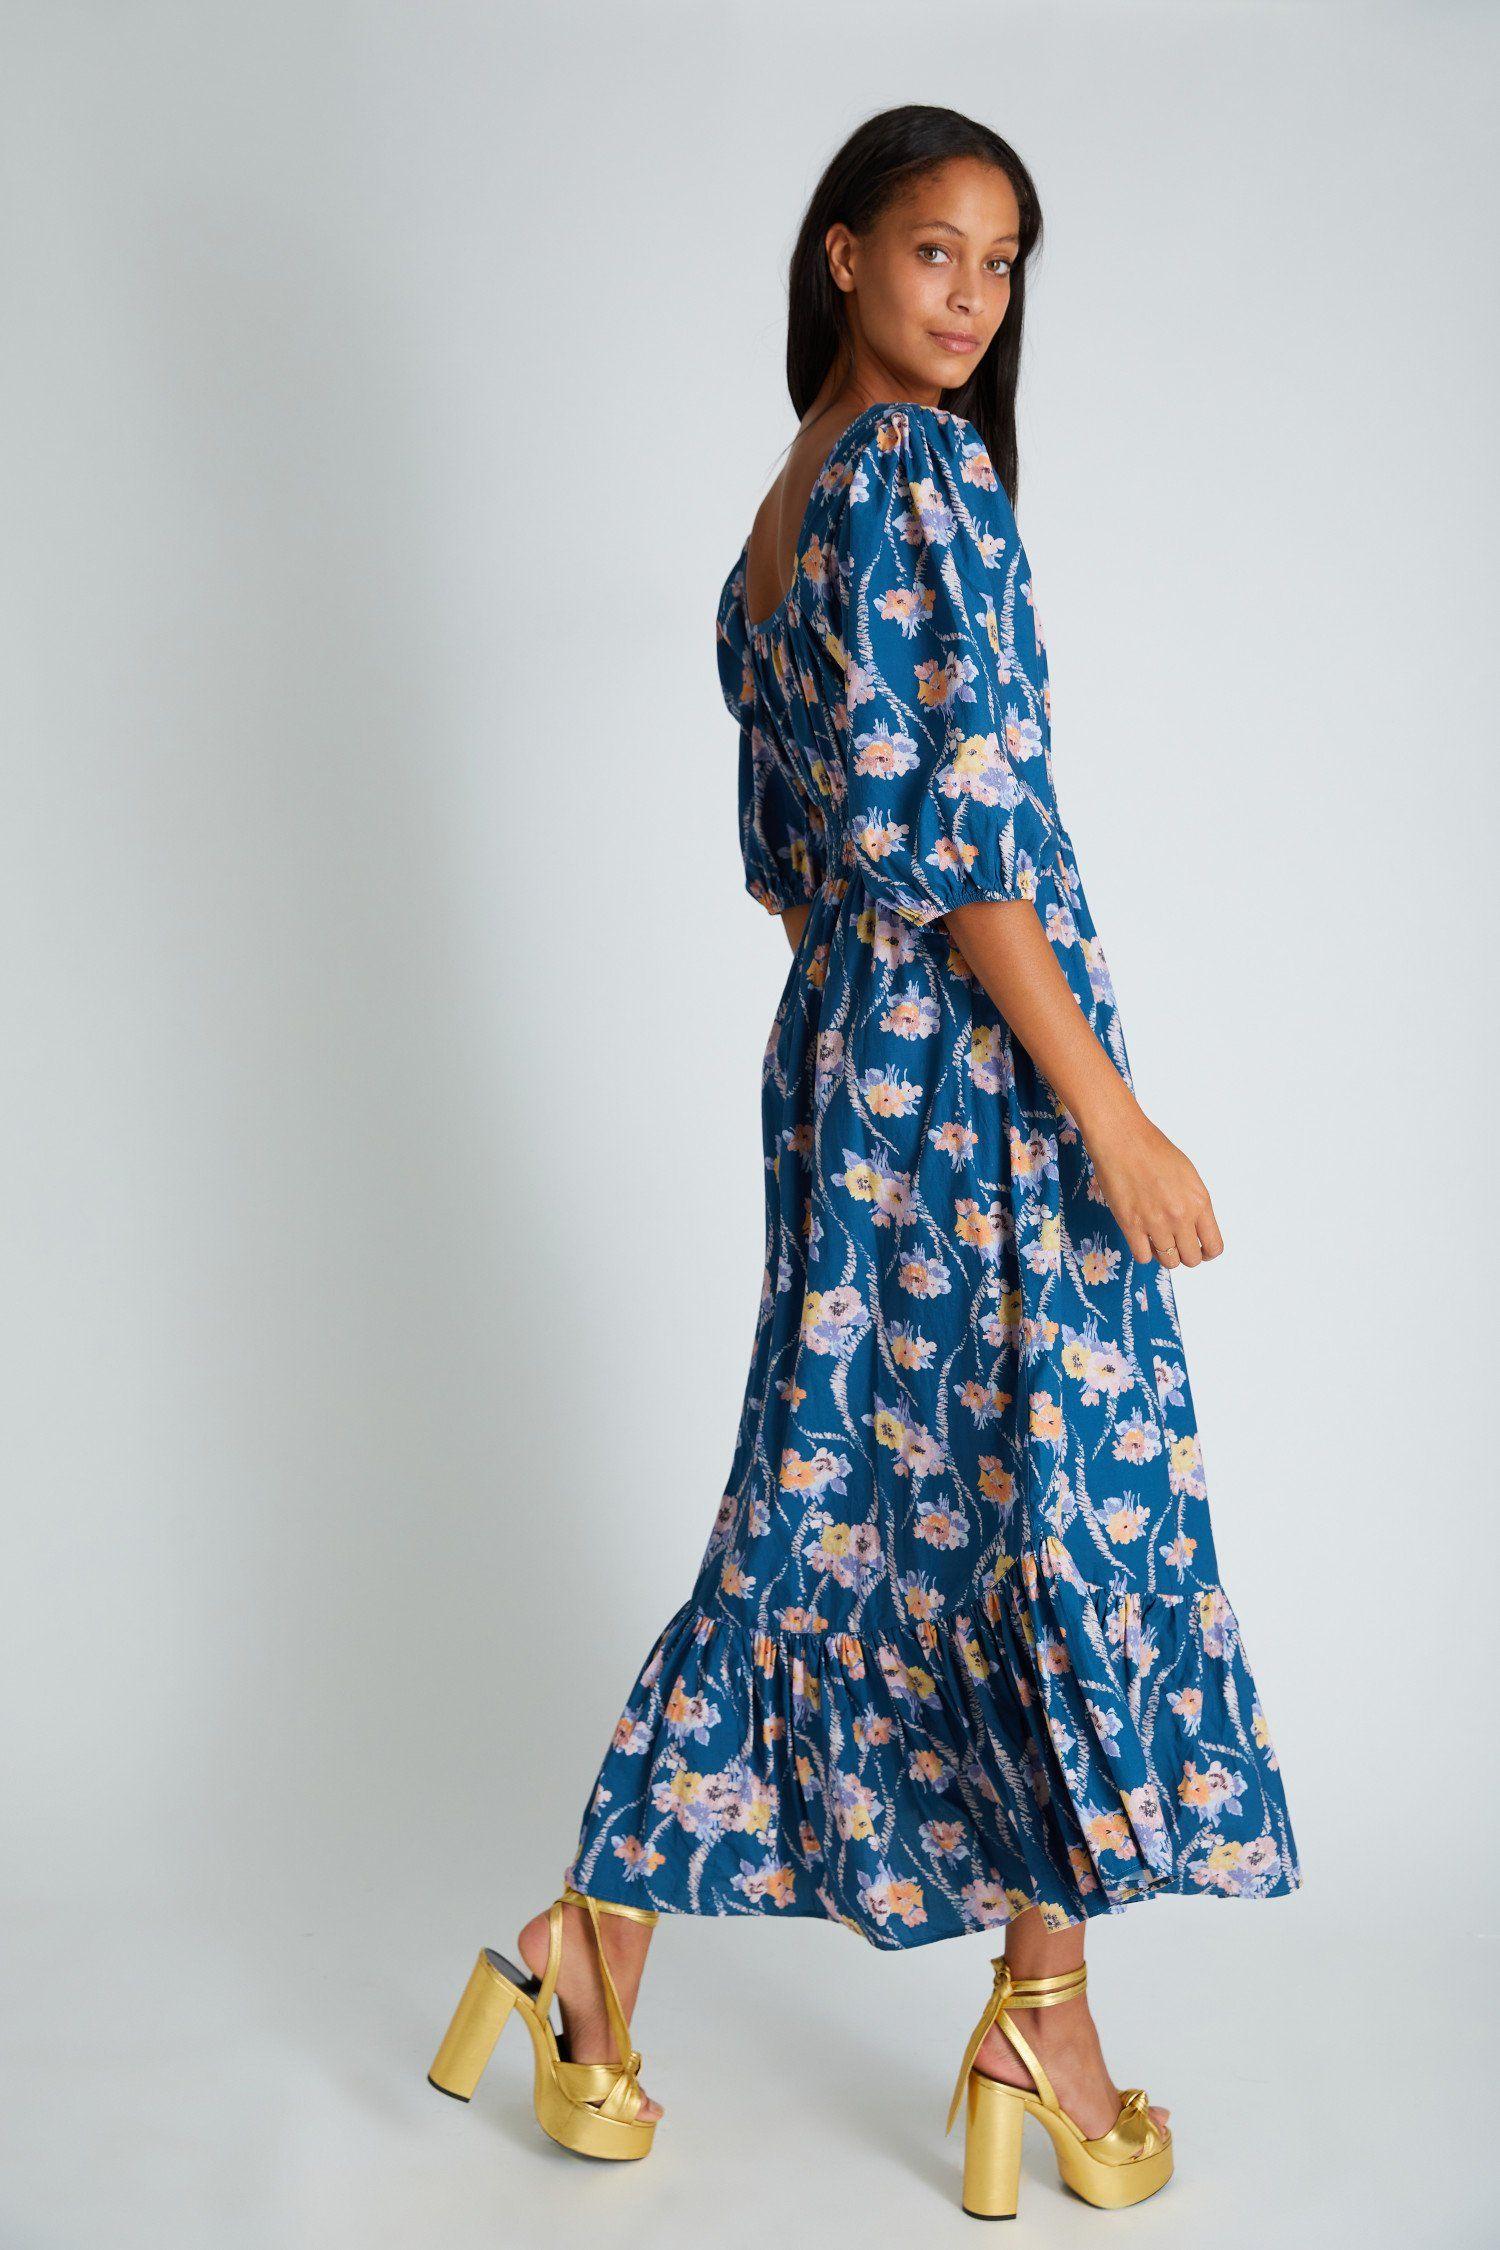 Minnia Maxi Dress In 2021 Maxi Dress Simple Maxi Dress Dresses [ 2250 x 1500 Pixel ]